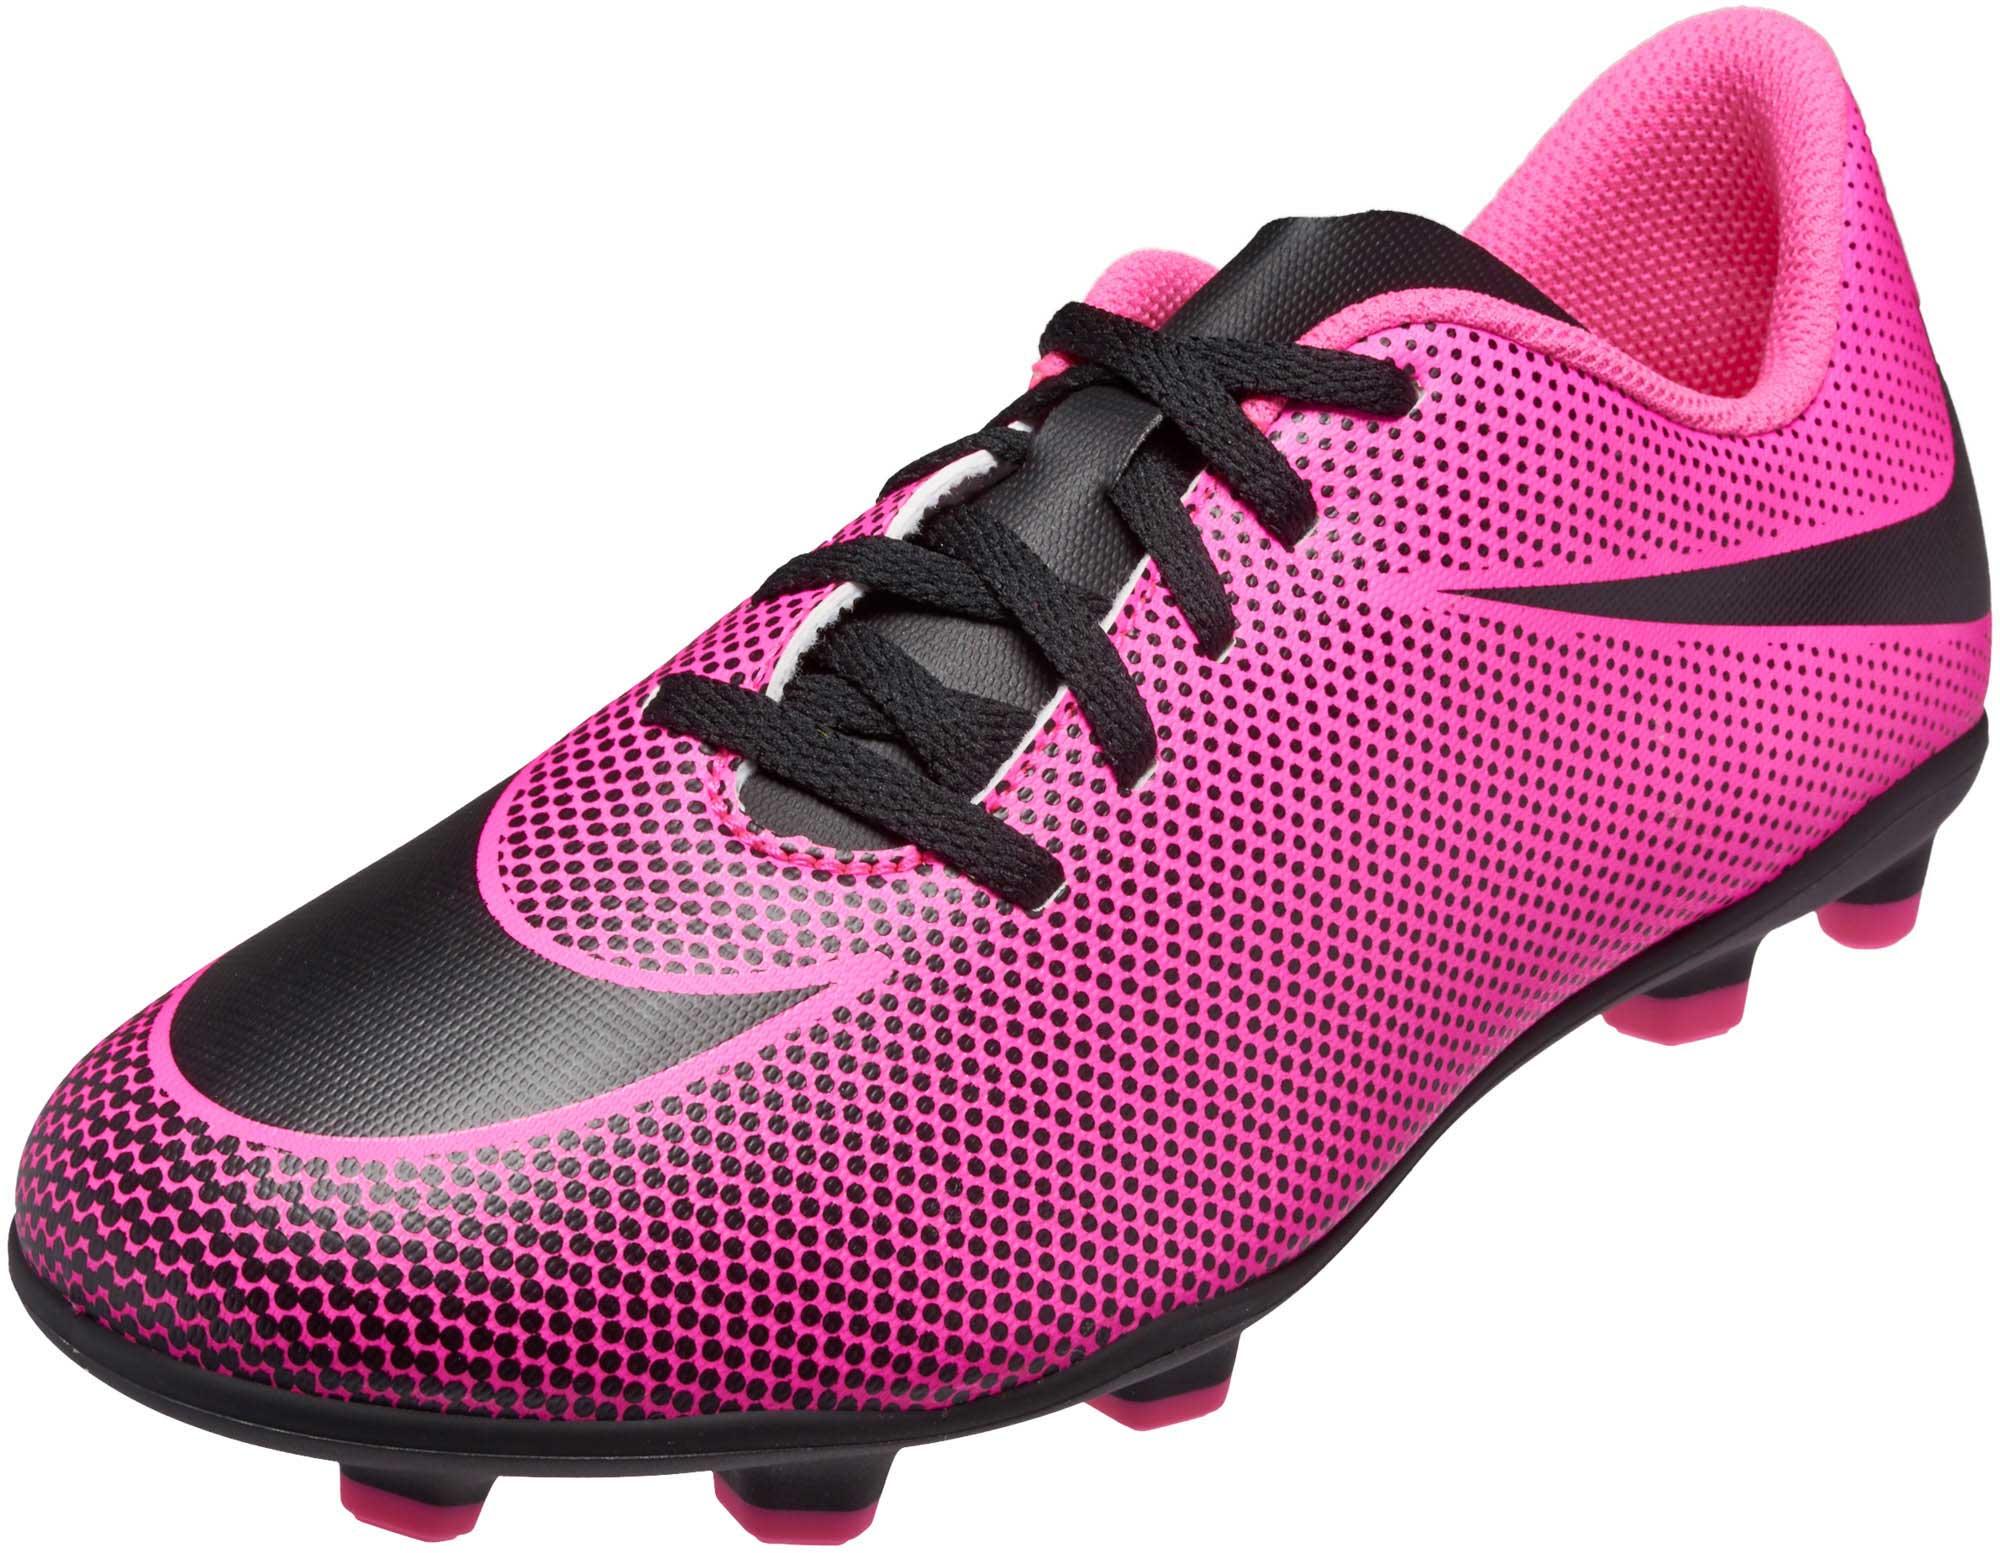 nike kids bravata ii fg pink bravata soccer shoes